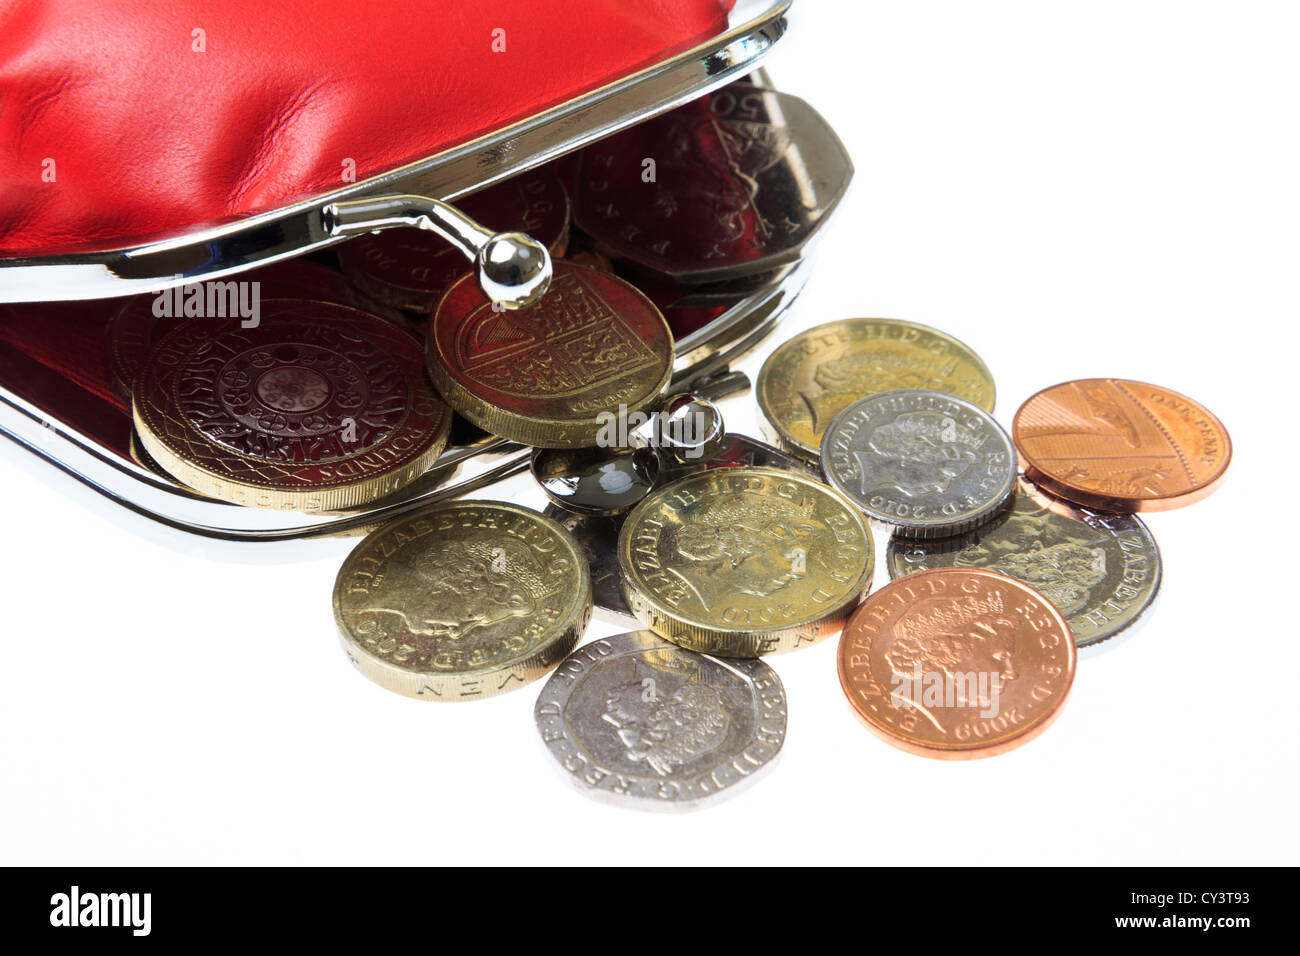 Britische Rote Geld Geldbörse öffnen Mit Einigen Sterling Münzen